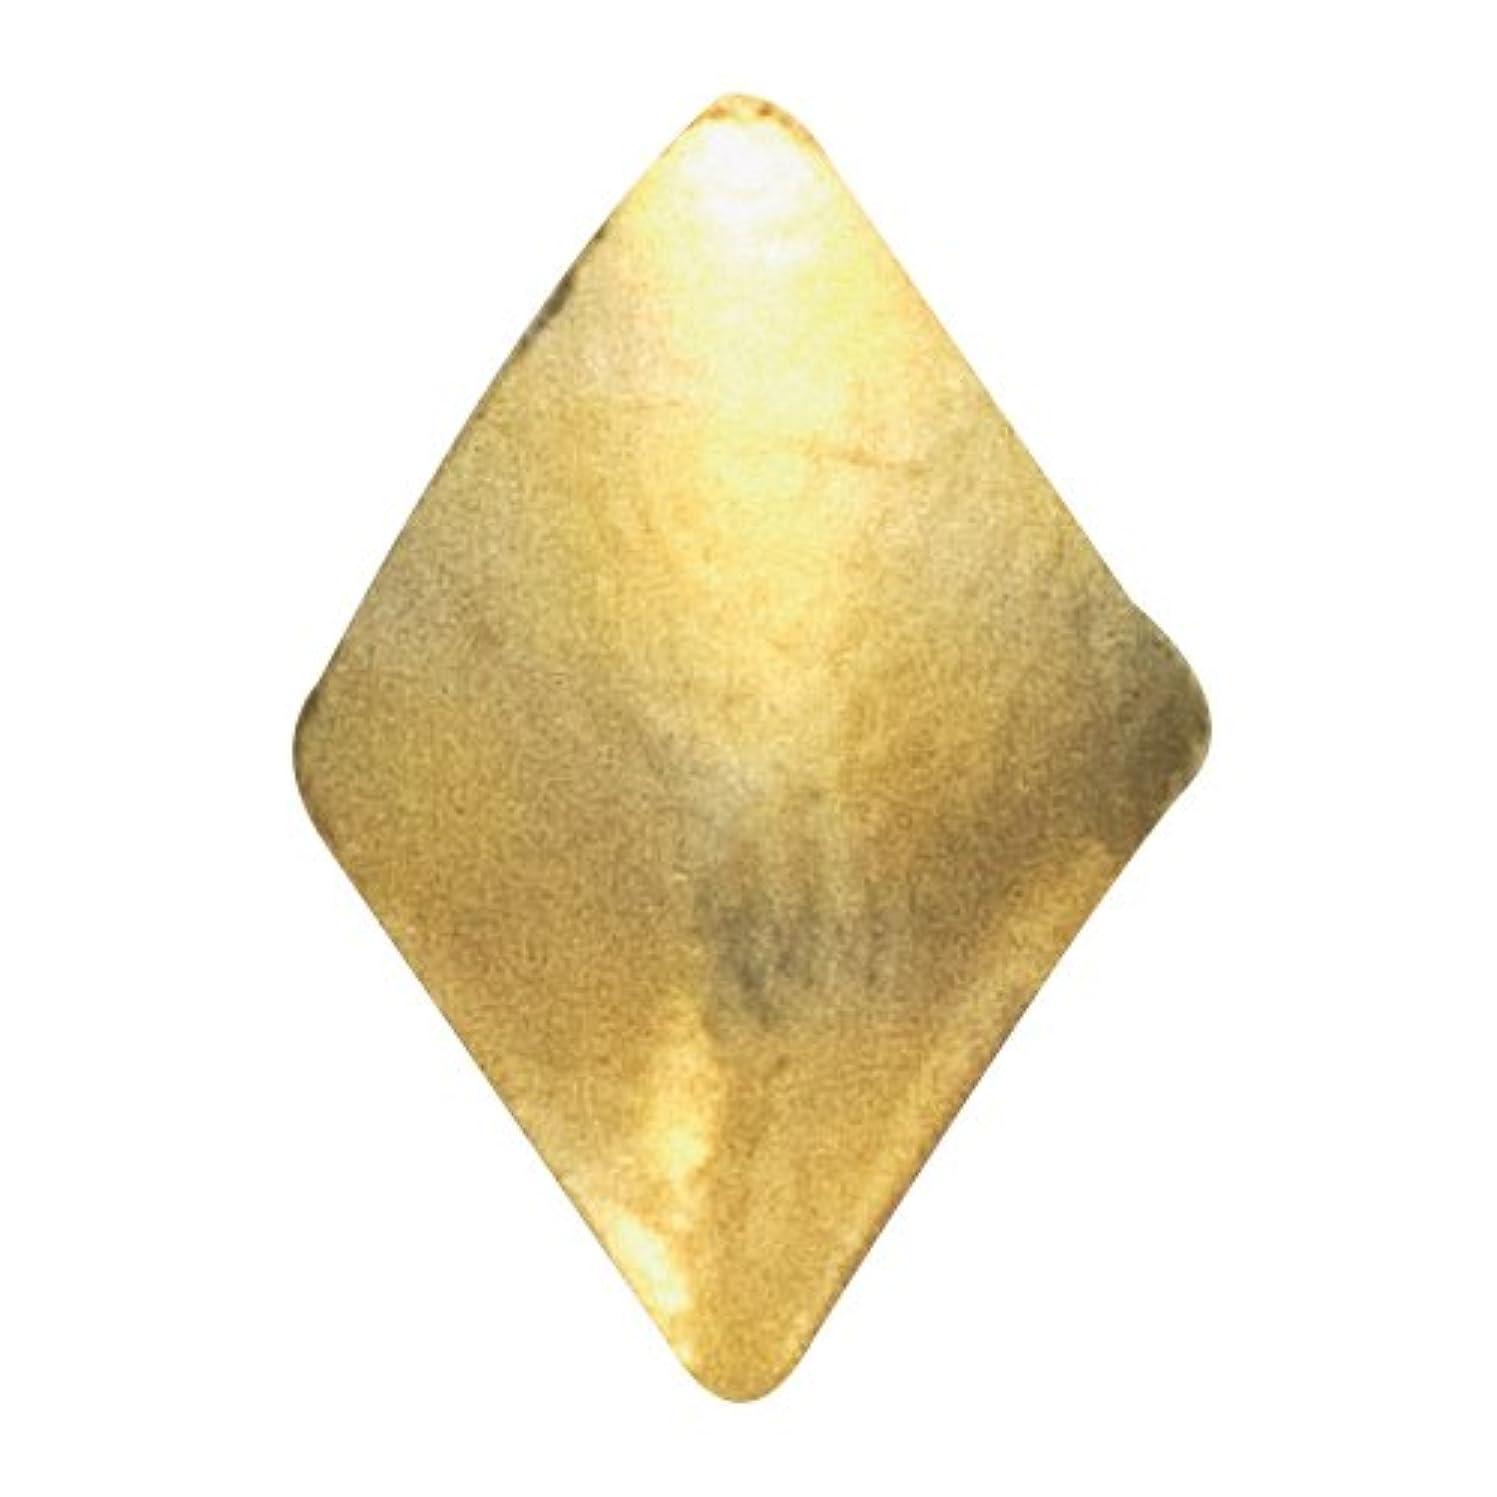 パンサー可能セージリトルプリティー ネイルアートパーツ スタッズダイヤ 2×3mm ゴールド 50個